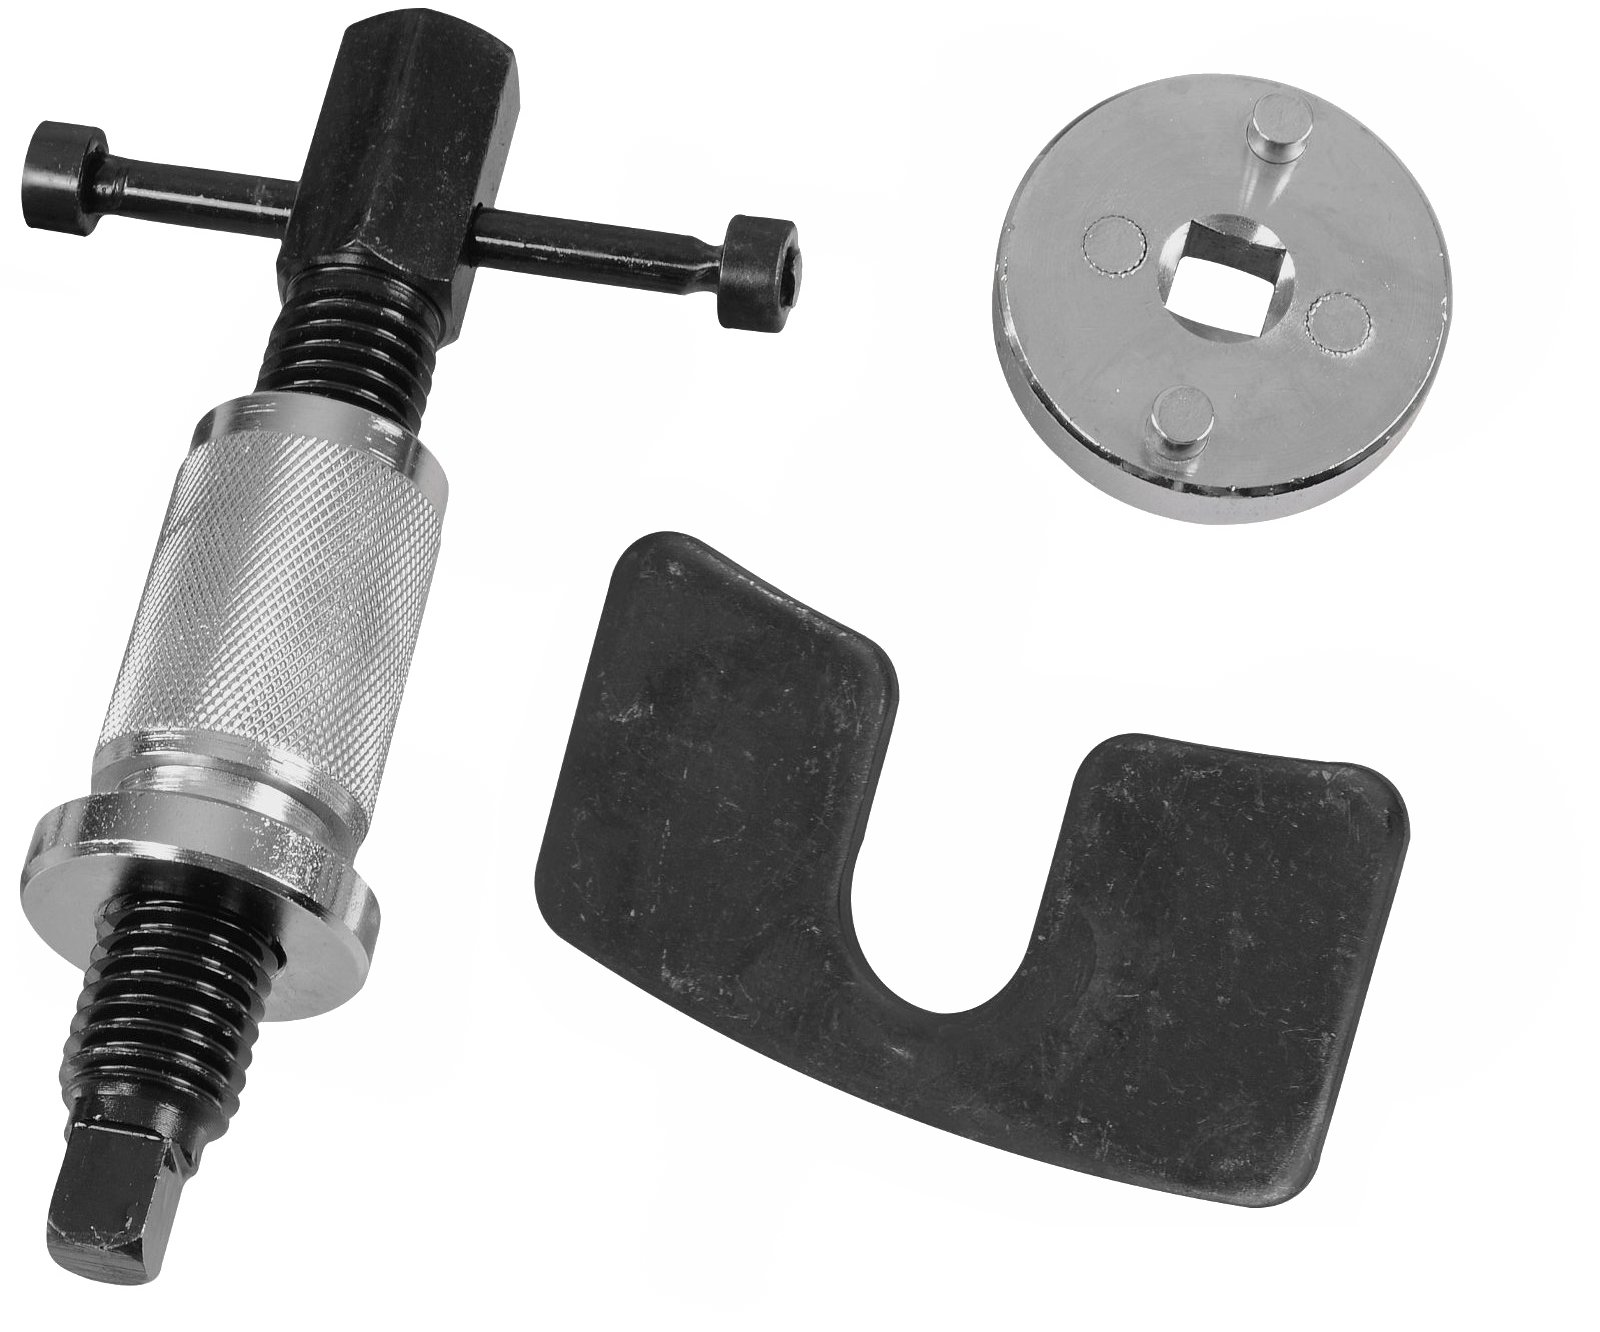 LARS360 Universal Bremskolbenrücksteller Bremskolbenrücksetzer Vorderachse Hinterachse mit extra Lange spindel für viele…